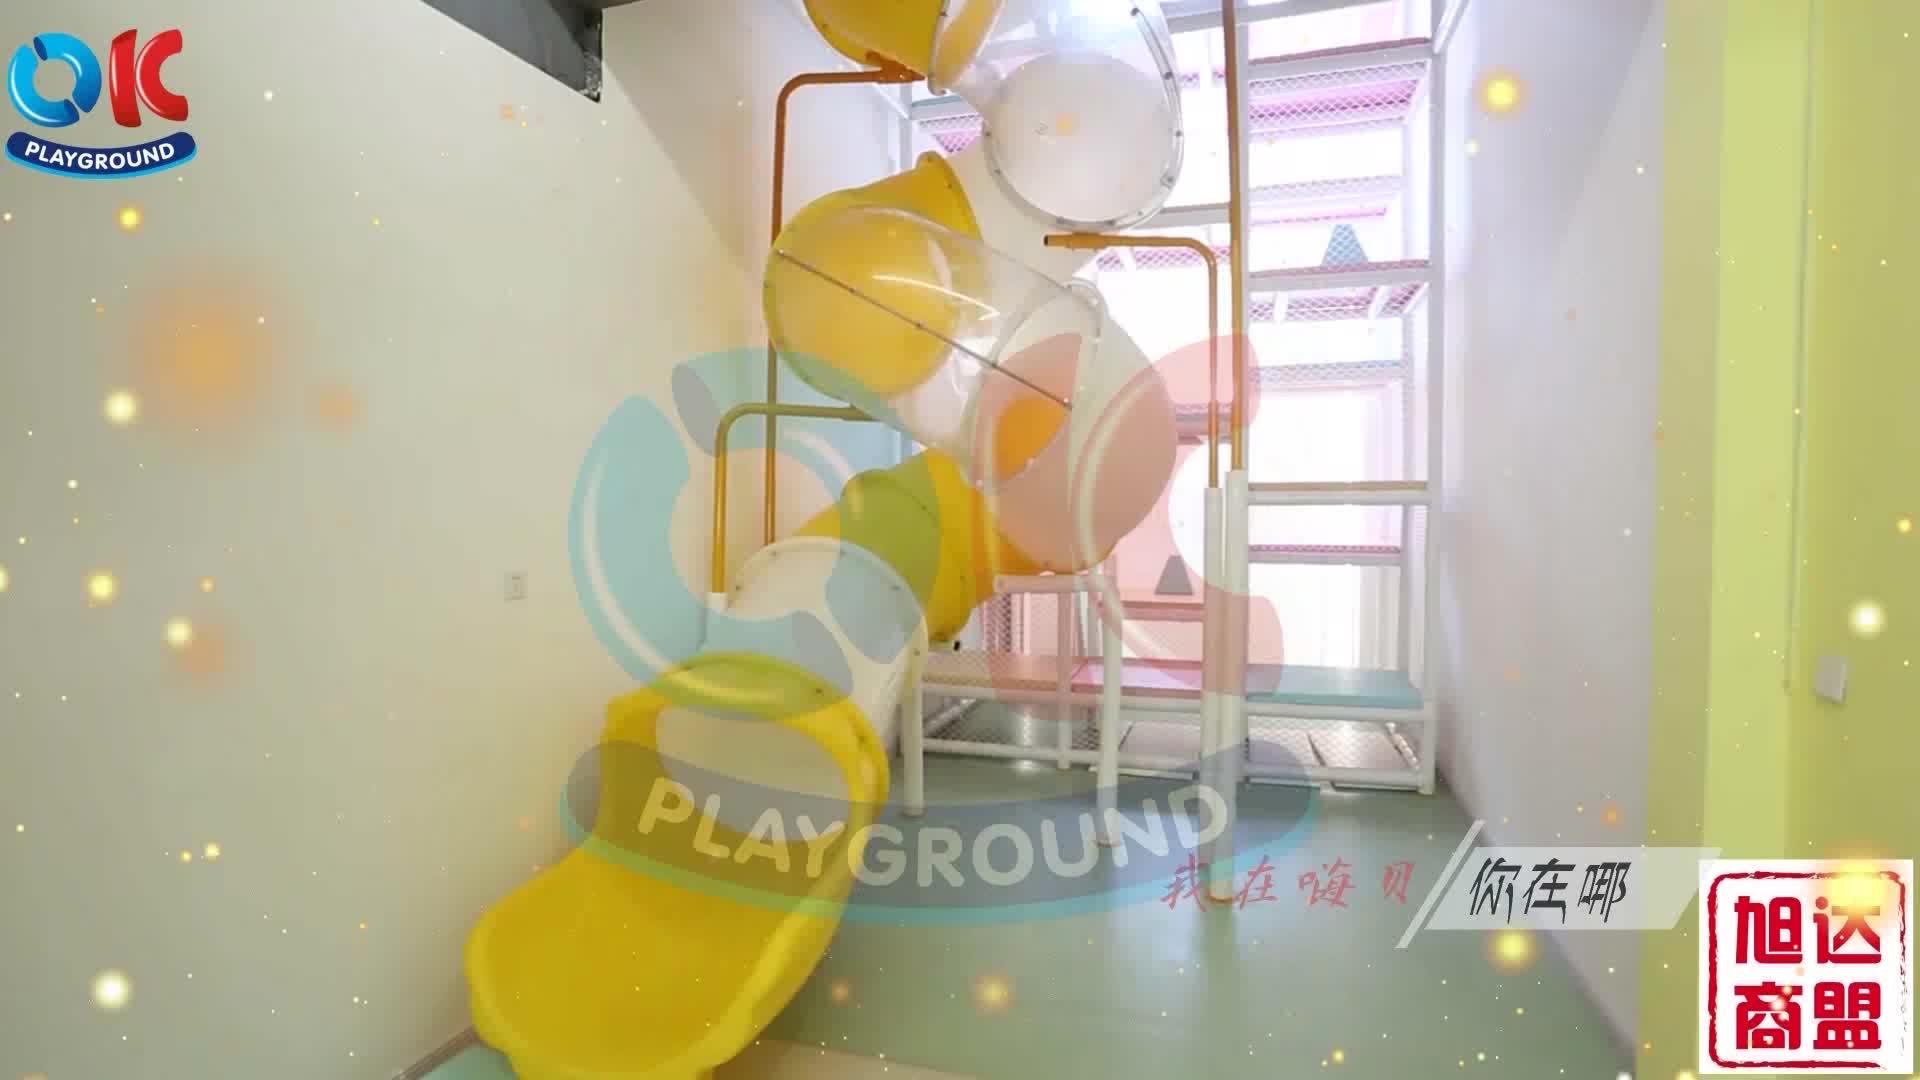 ילדים באיכות גבוהה שטח נושא מקורה מגרש משחקים עם גדול שקופיות למכירה